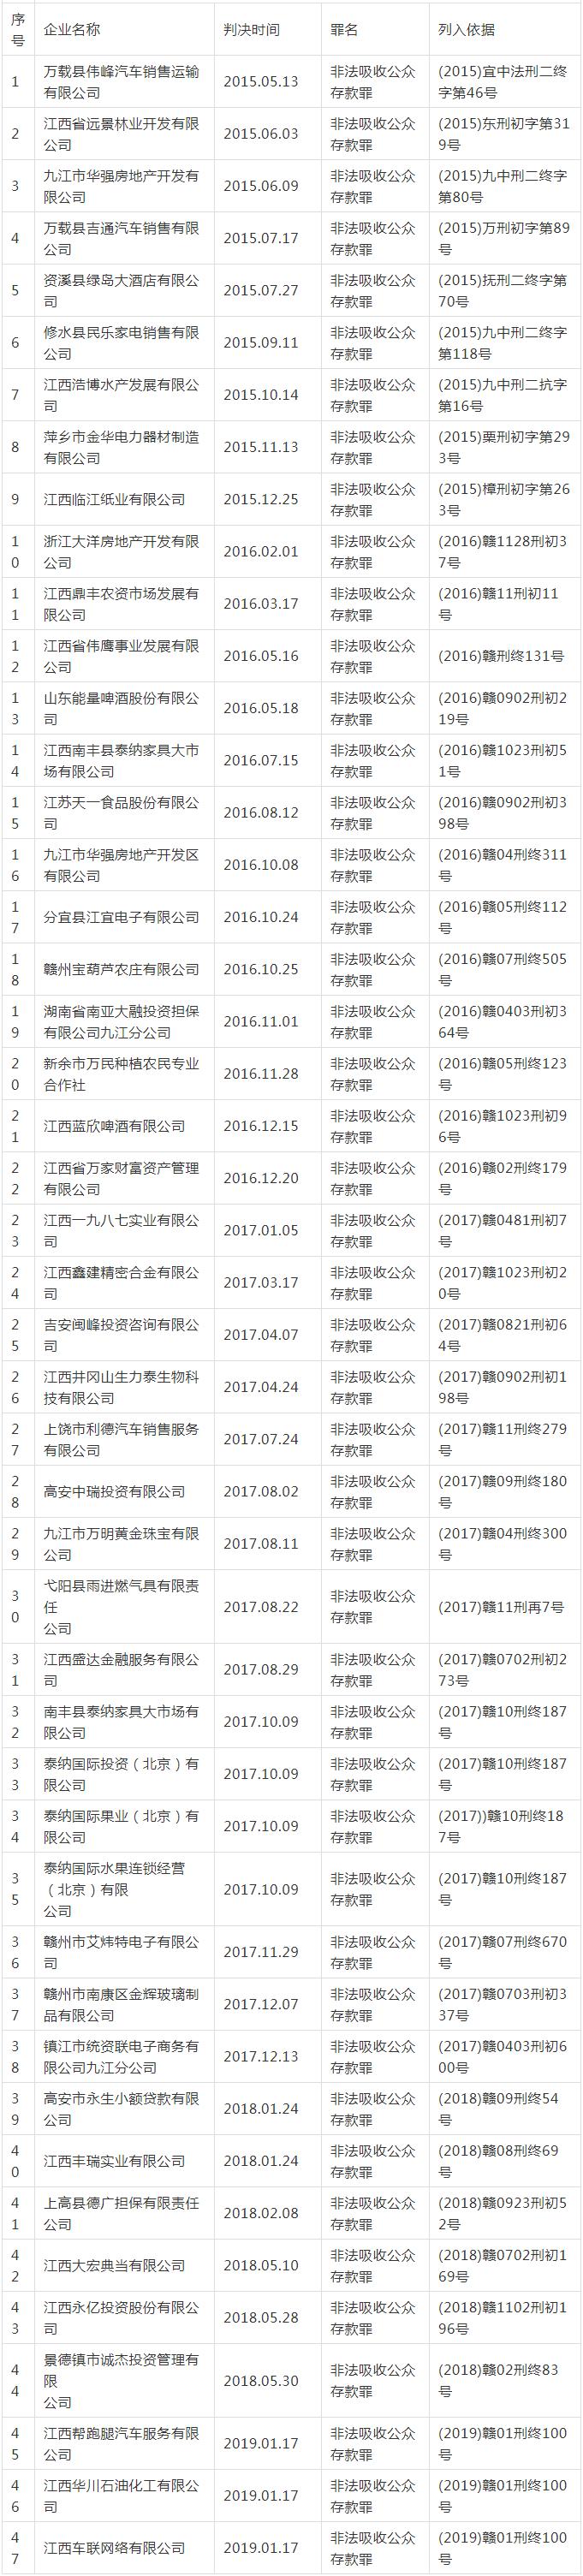 江西公布第三批非法集资失信人名单:47家企业上榜